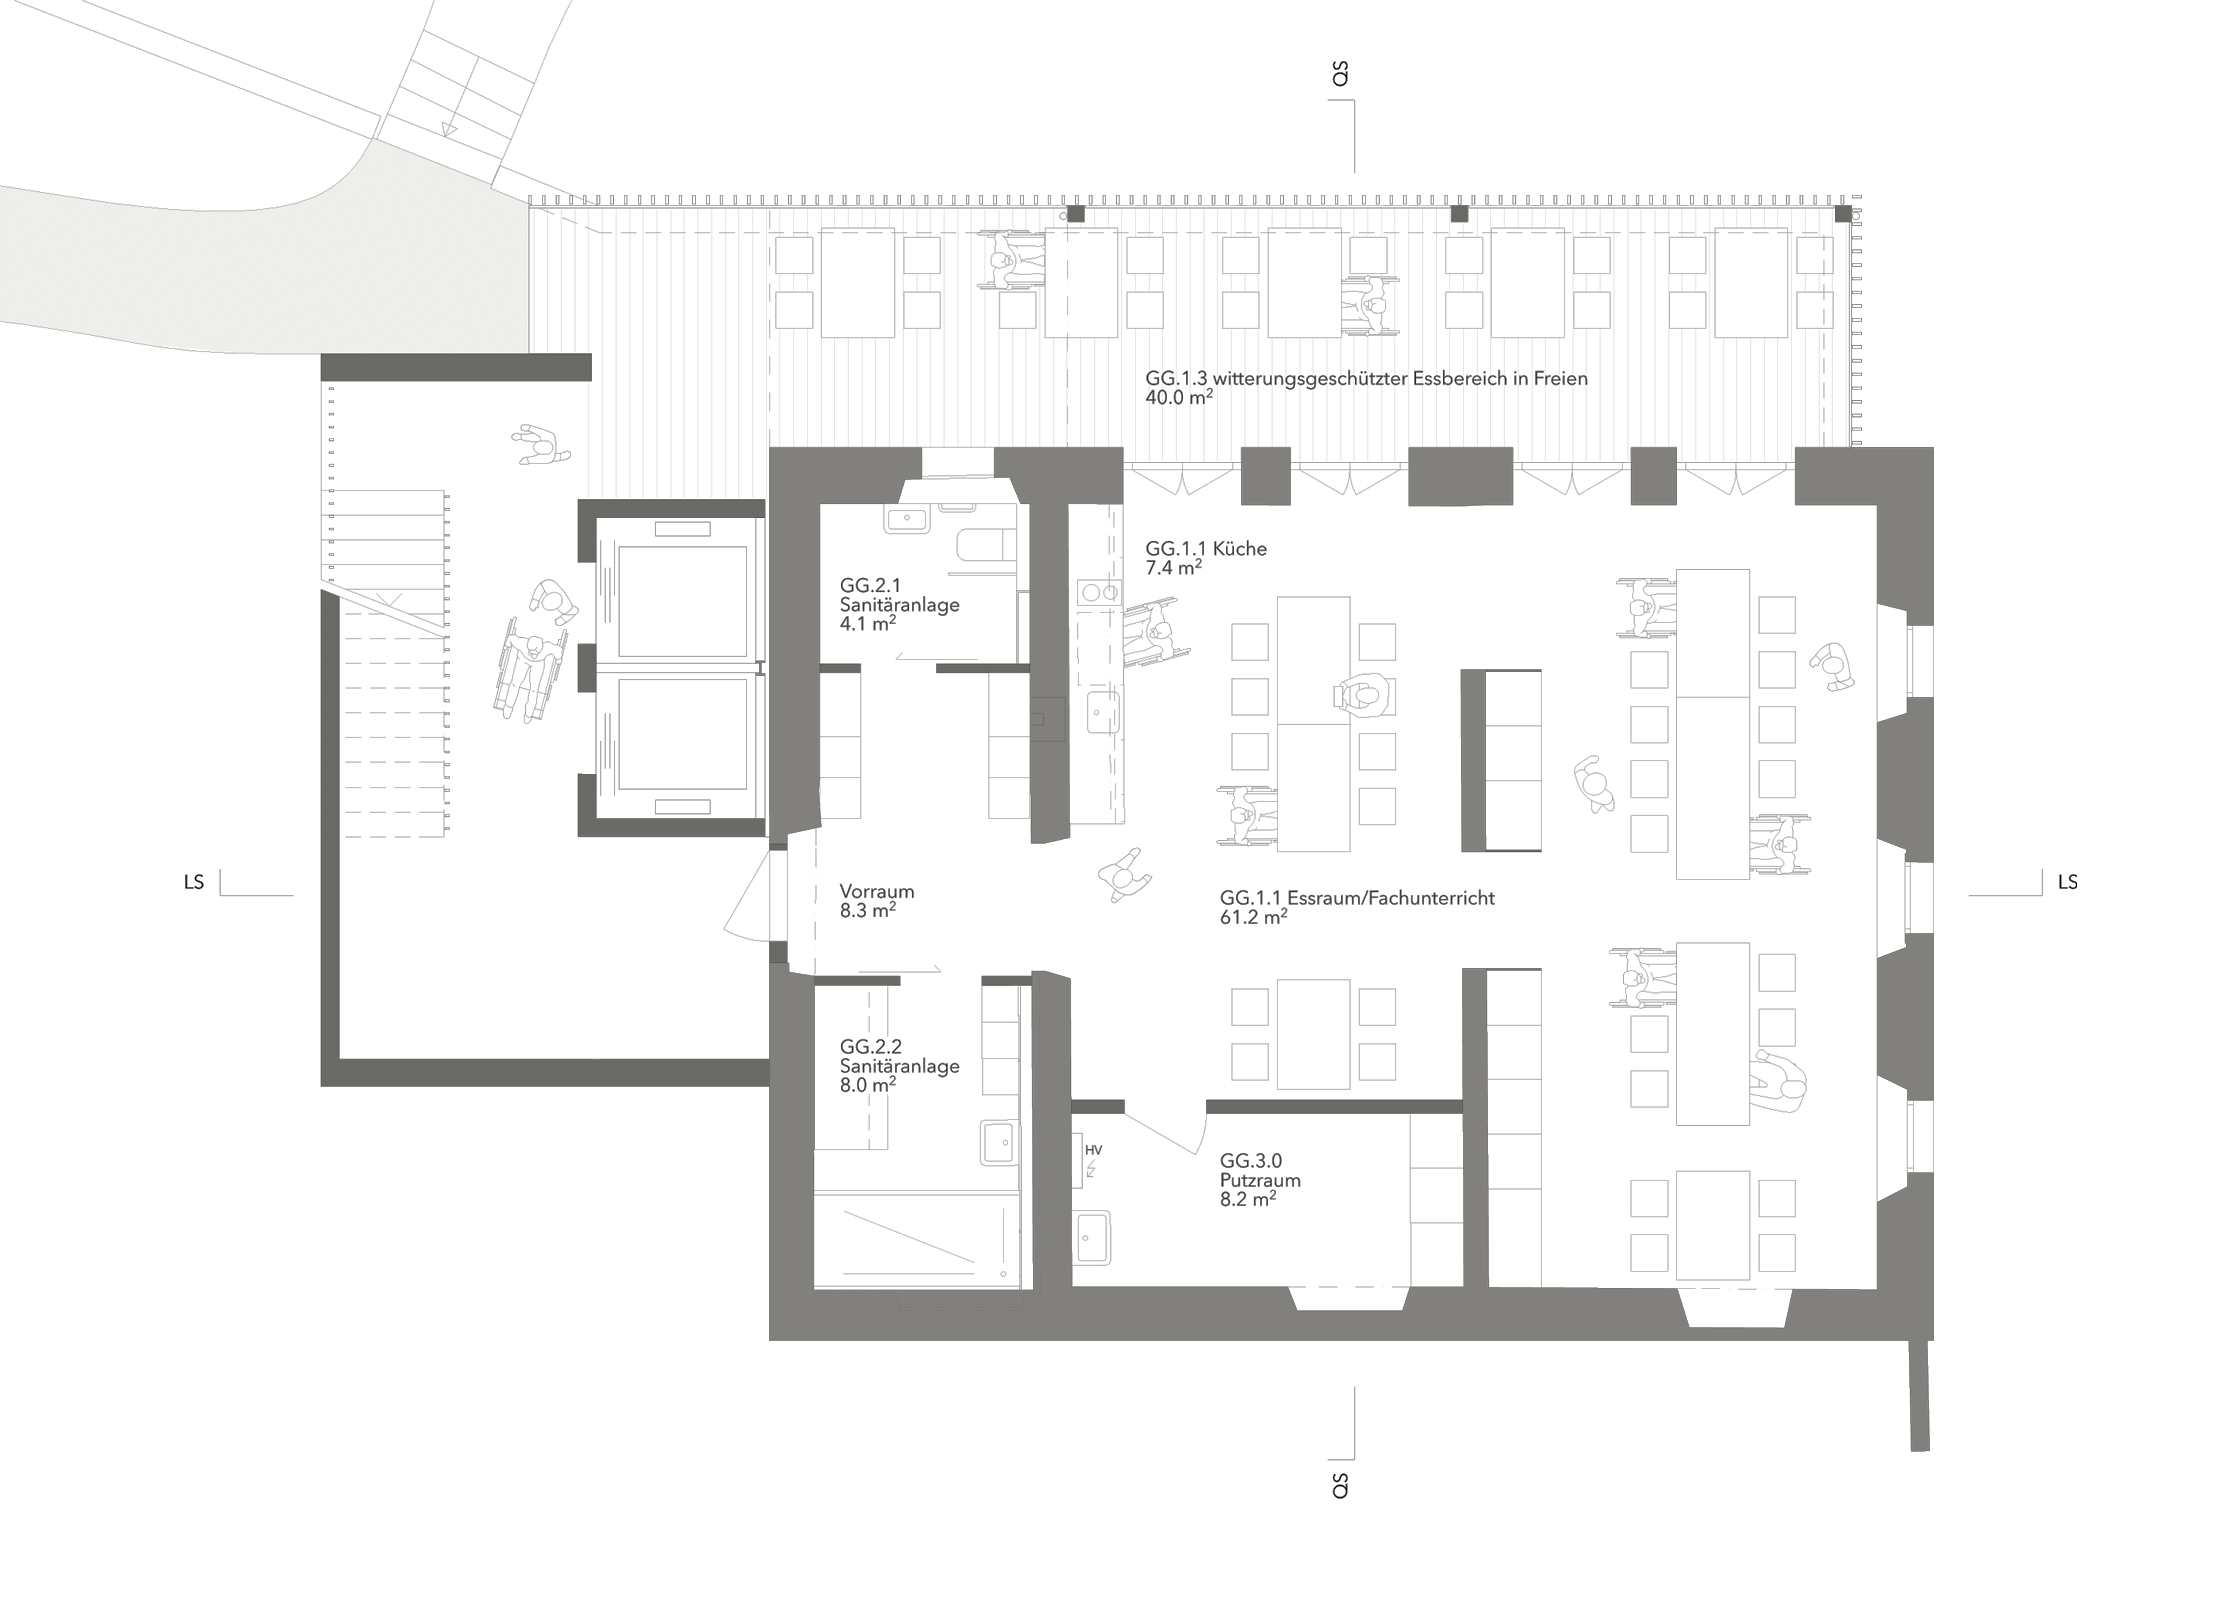 Heilpädagogisches Zentrum, Hagendorn, Eggenspieler Architekten AG